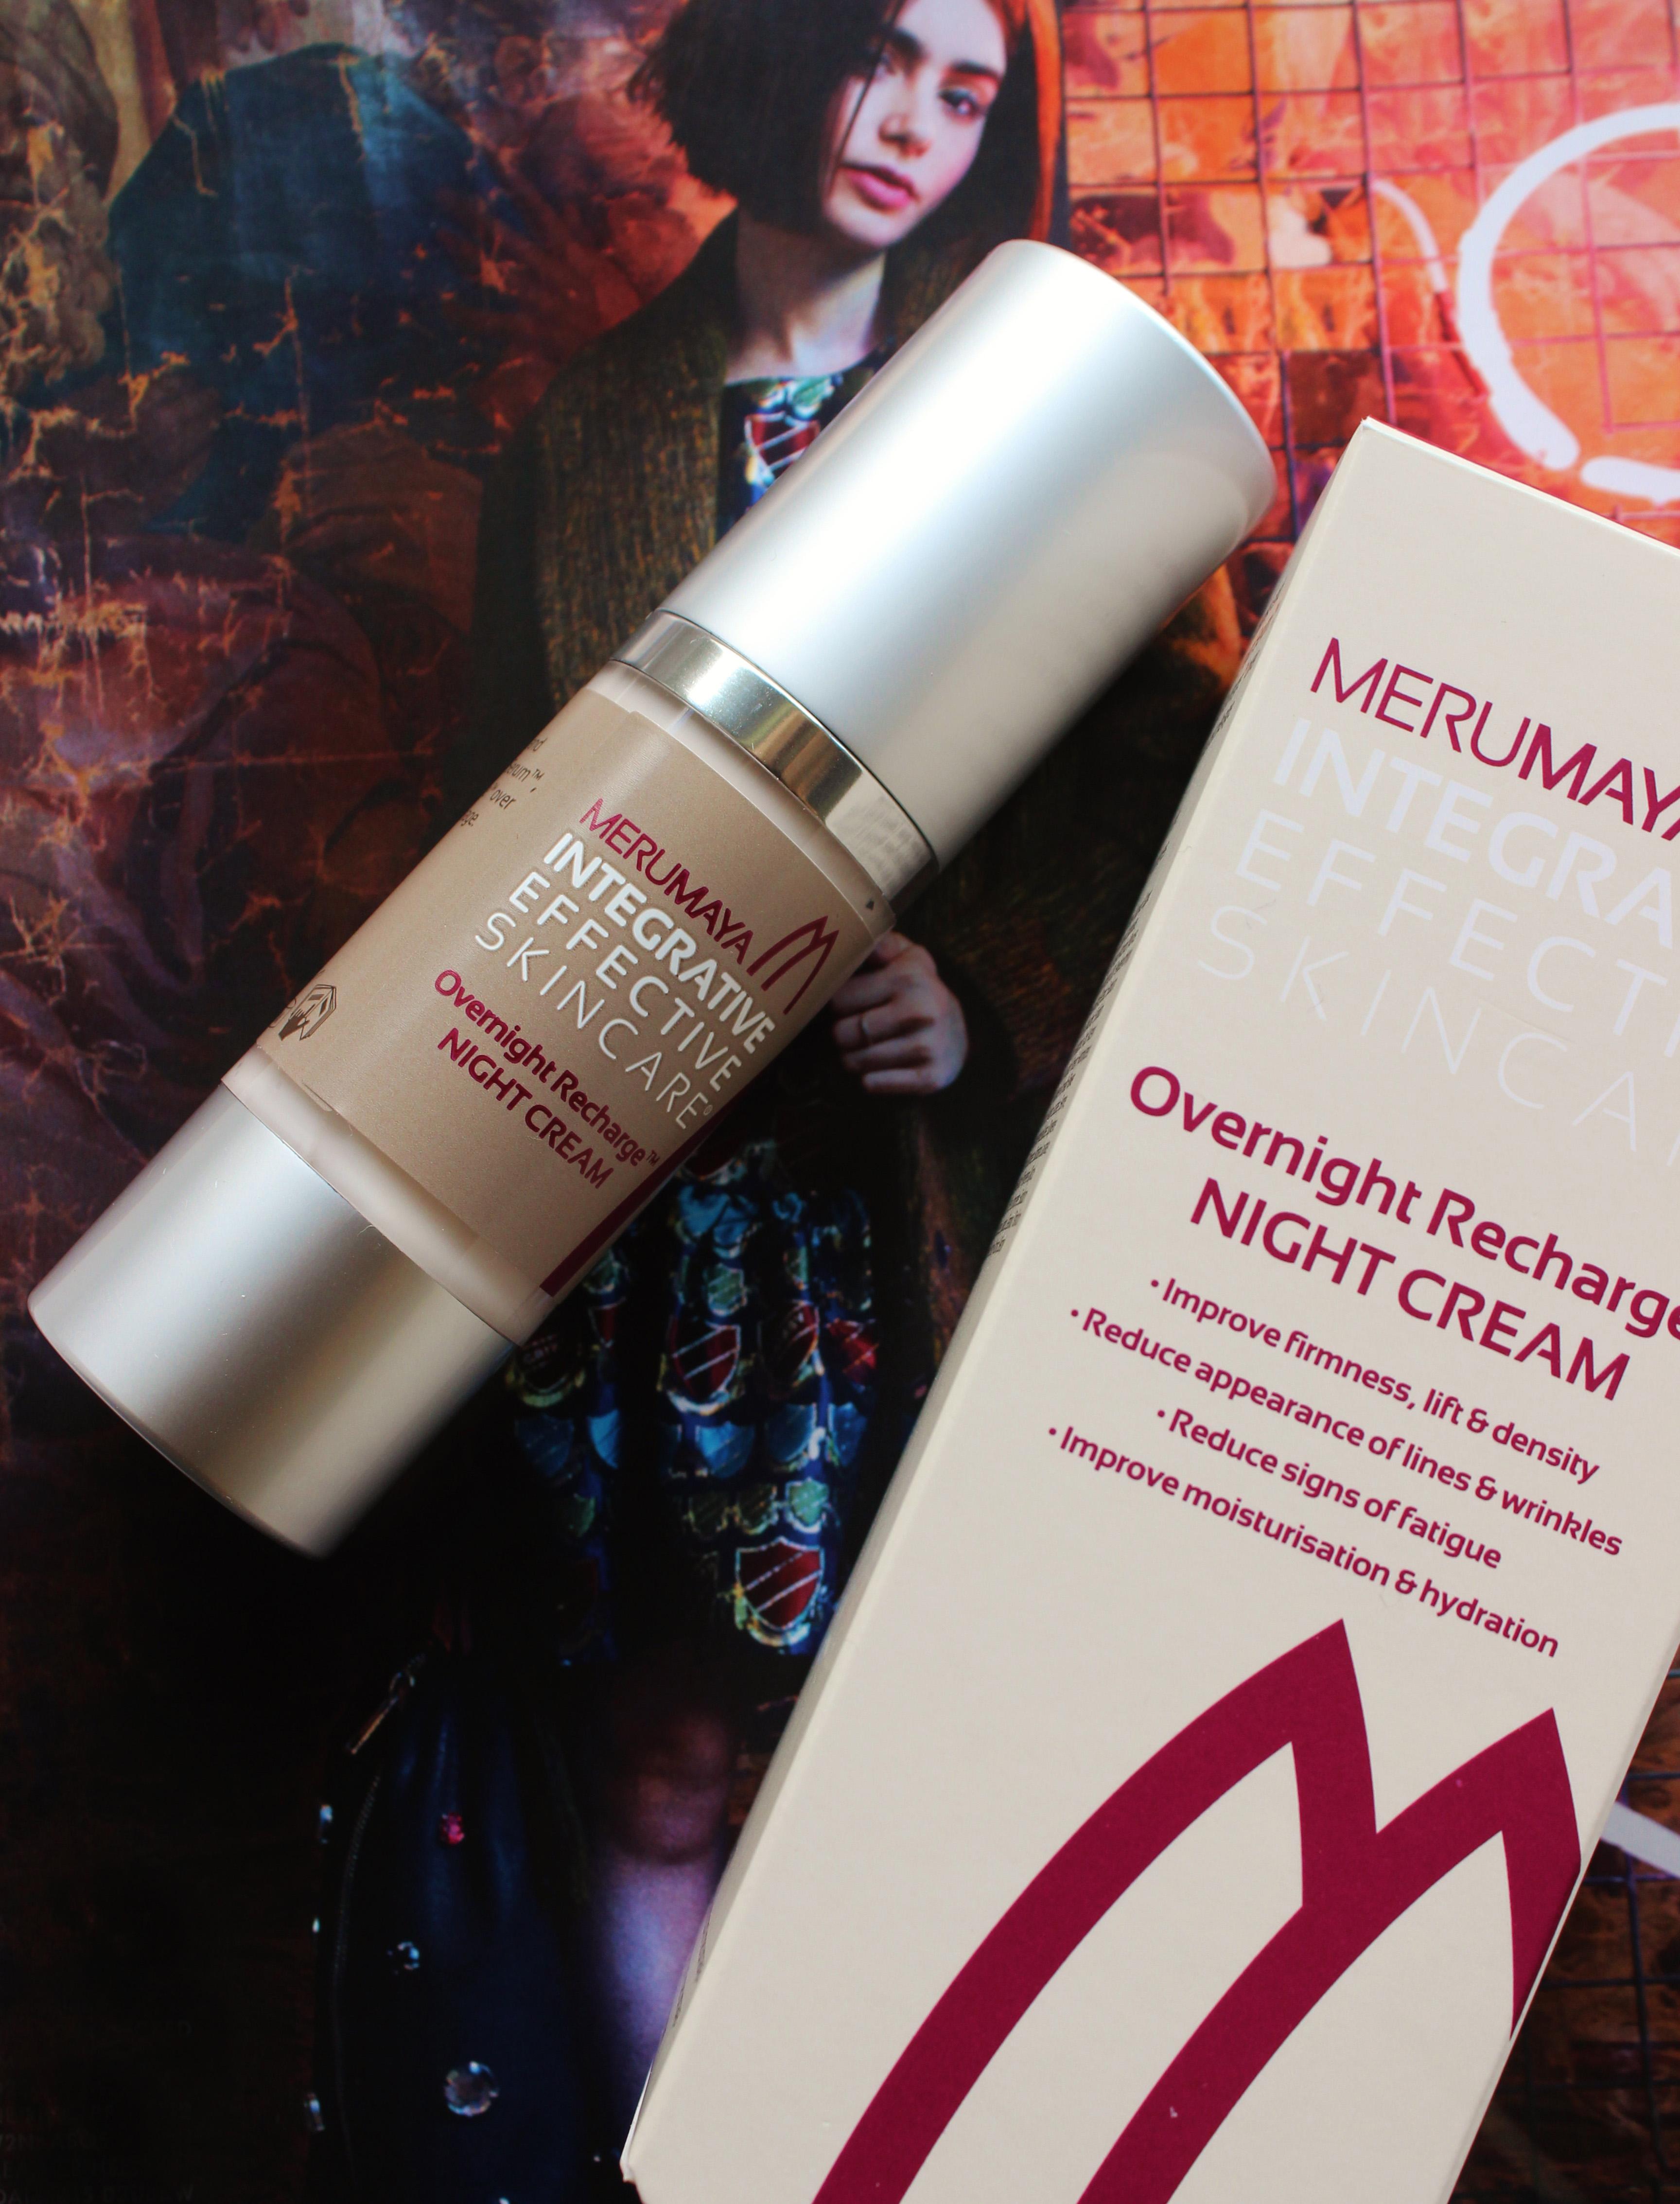 Merumaya Overnight Re-charge cream